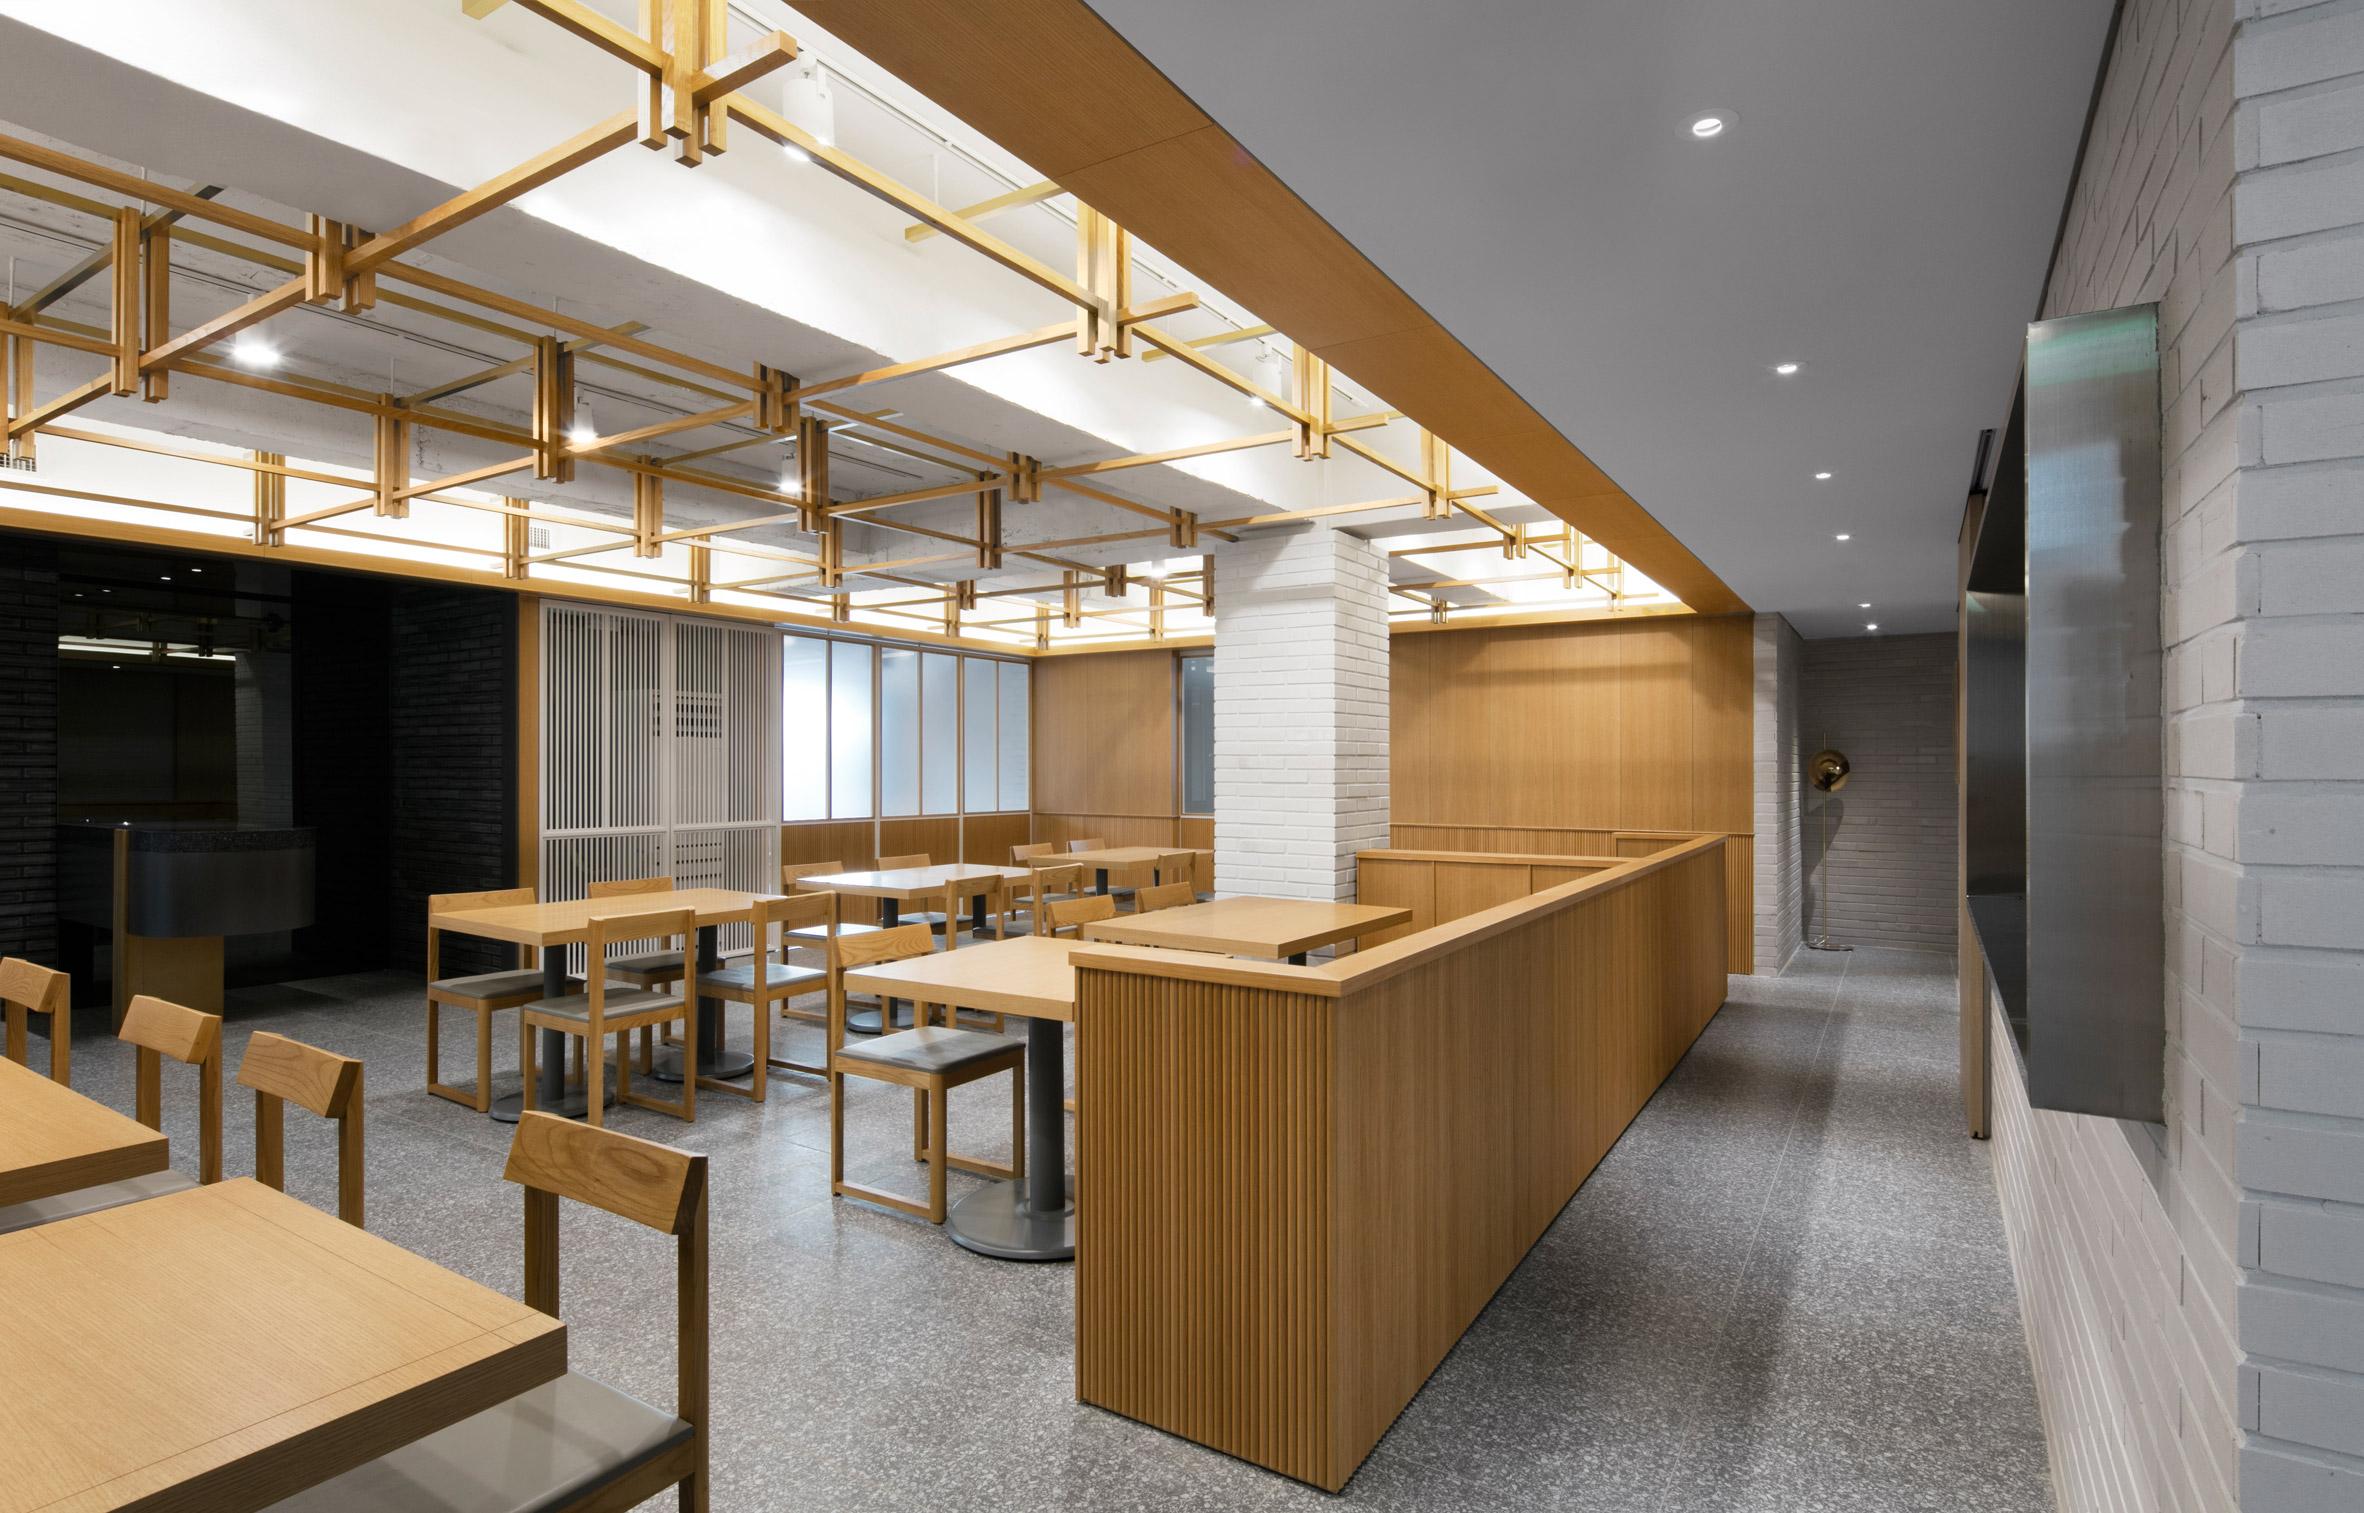 Thiết kế nội thất nhà hàng hàn quốc 10